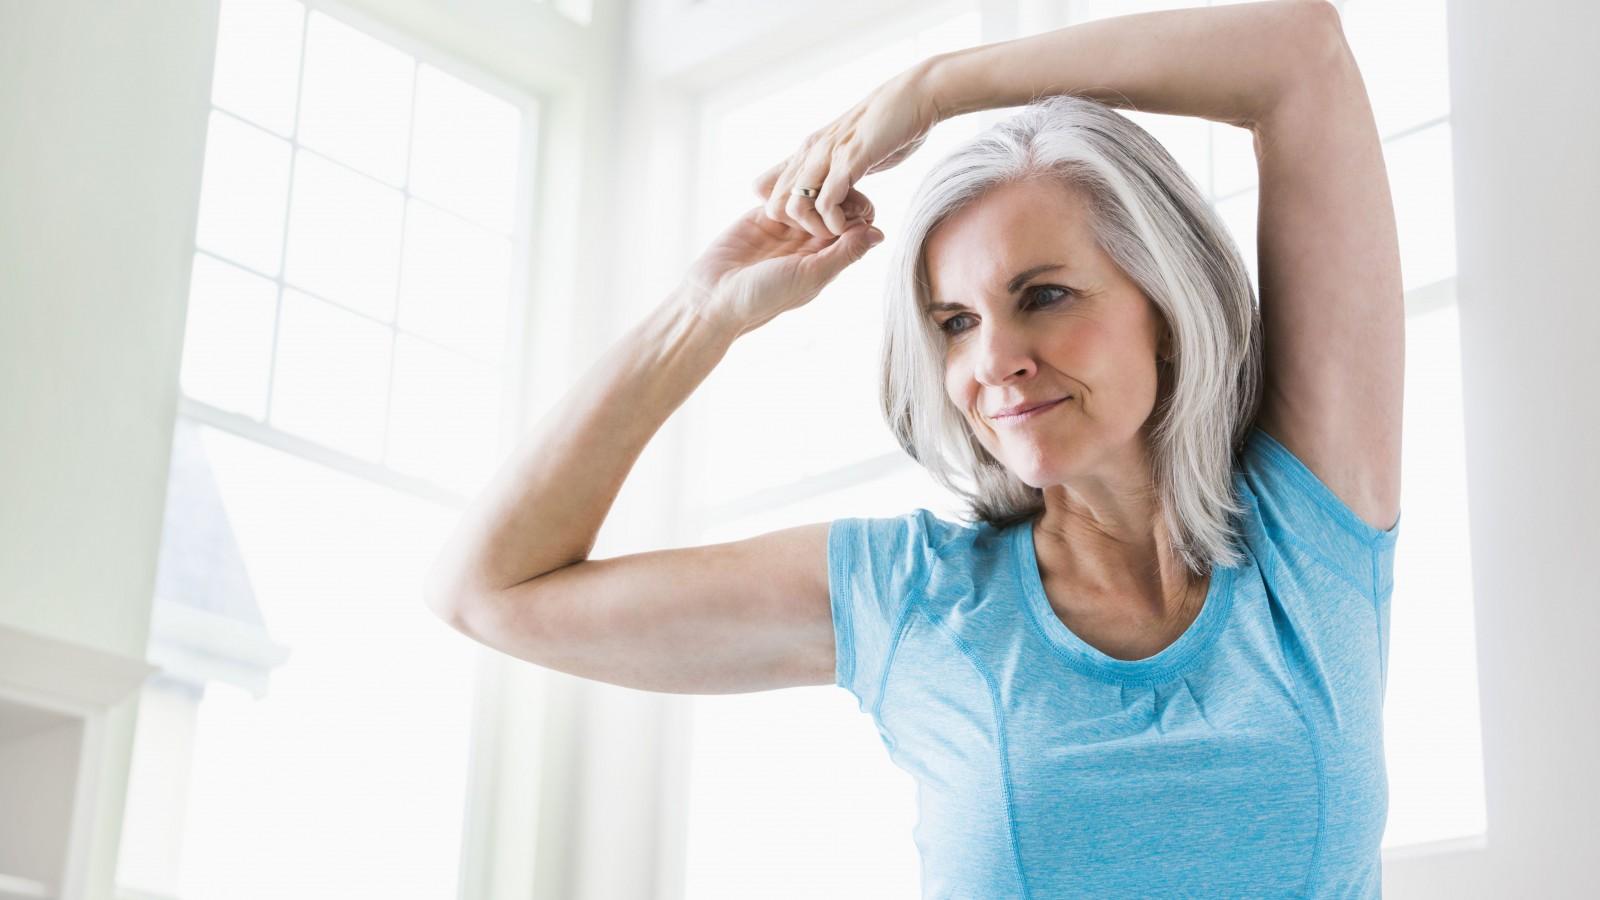 ما هي فوائد تمارين الذراع بعد جراحة الثدى